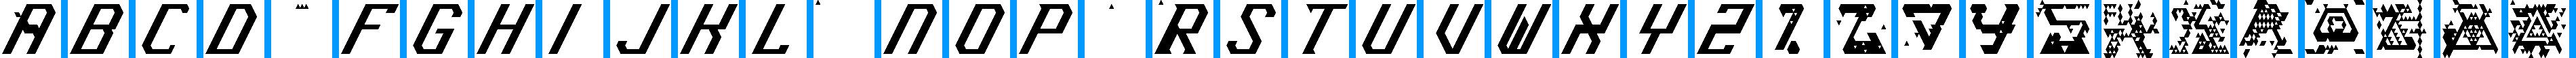 Particip-a-type v.247